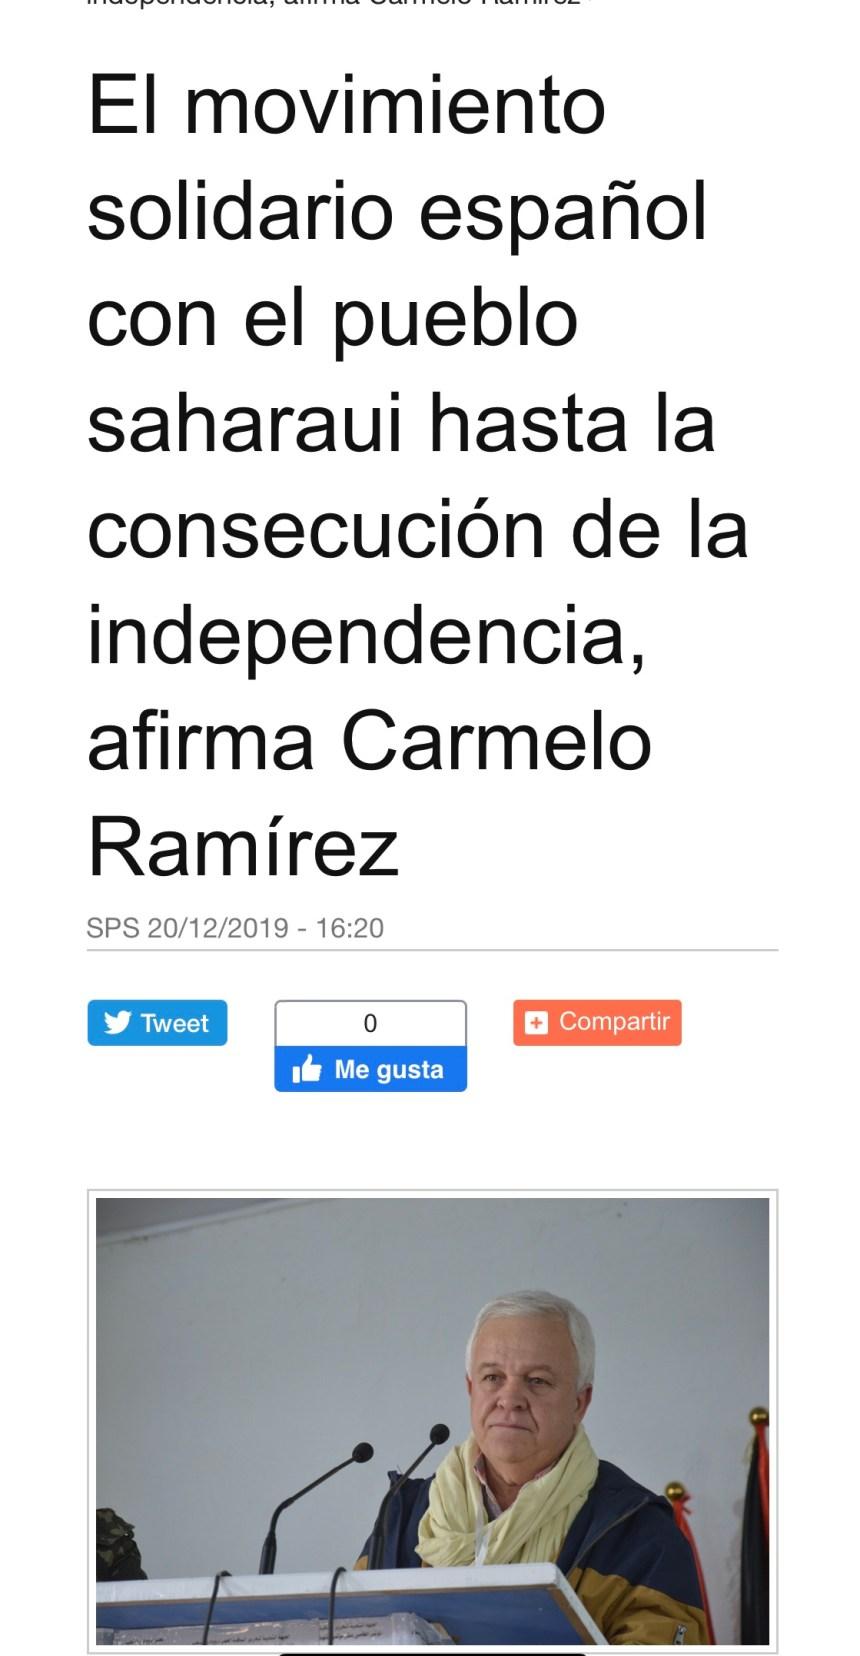 El movimiento solidario español con el pueblo saharaui hasta la consecución de la independencia, afirma Carmelo Ramírez | Sahara Press Service